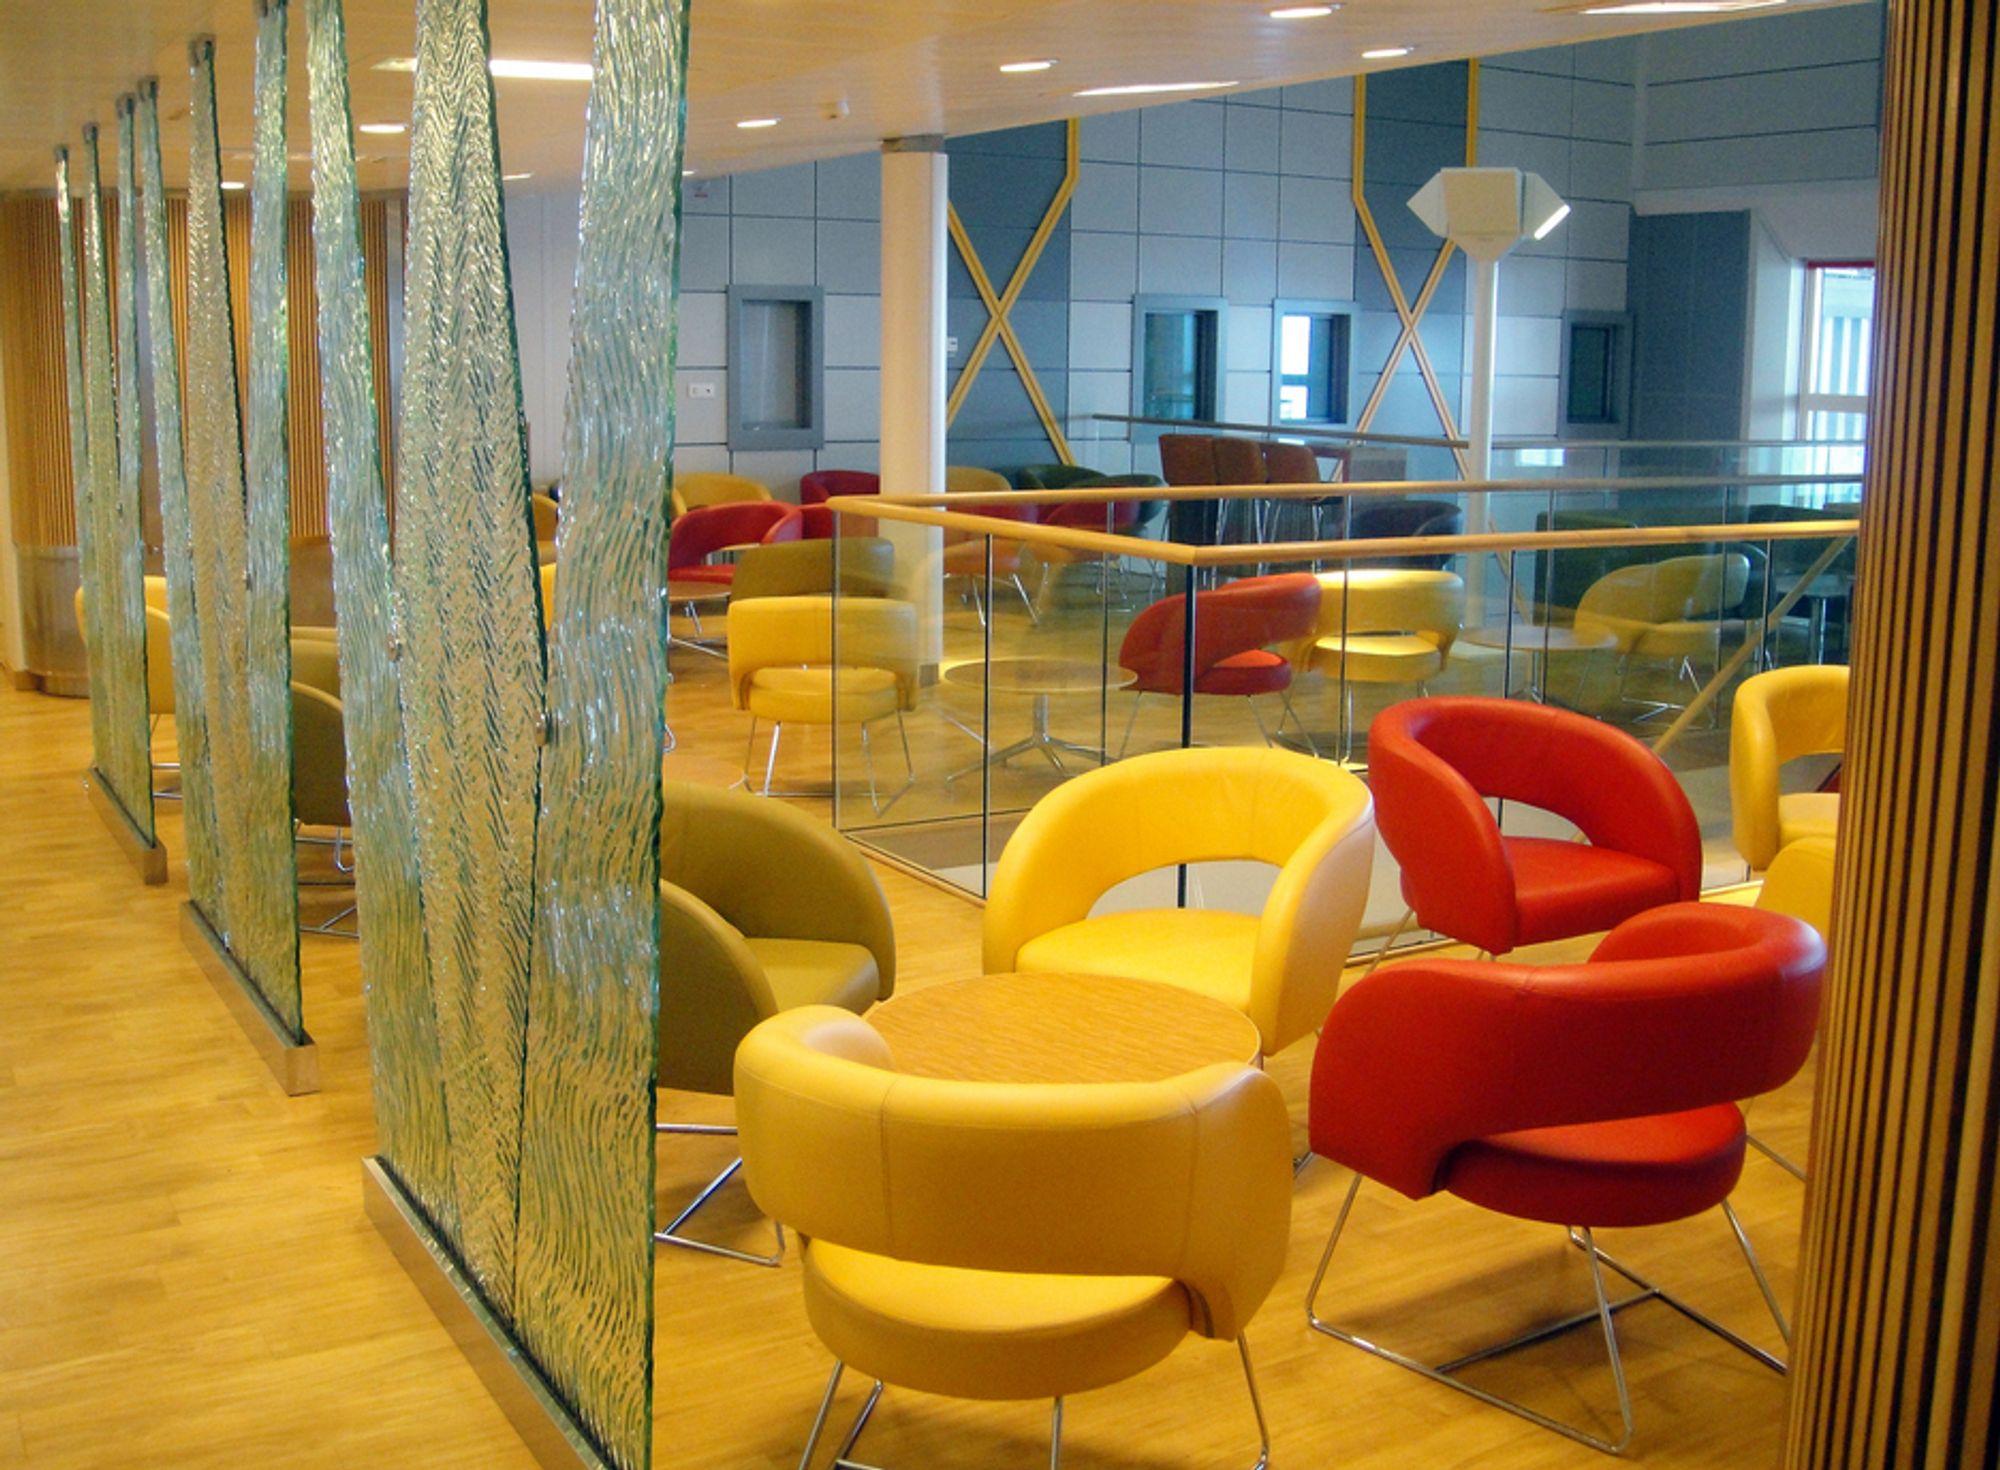 INTERIØR: BP har brukt interiørarkitekter på den nye Valhall-plattformen, som de selv kaller et hotell.